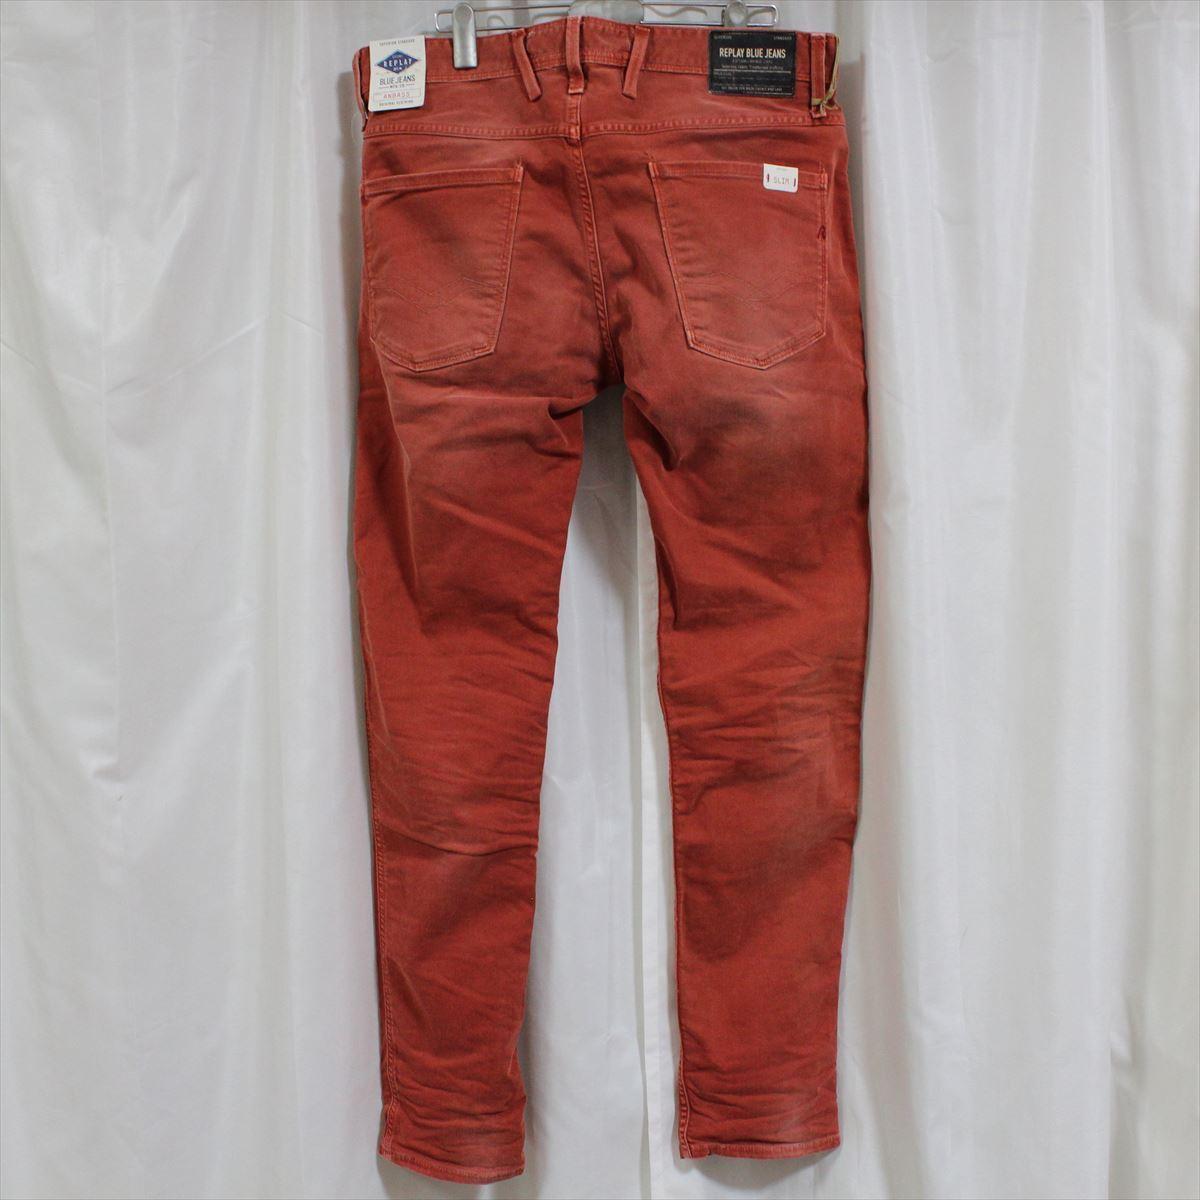 リプレイ REPLAY メンズカラーパンツ ジーンズ デニムパンツ SLIM レンガ色 28インチ 新品 REPLAY BLUE JEANS anbass slim jeans_画像4